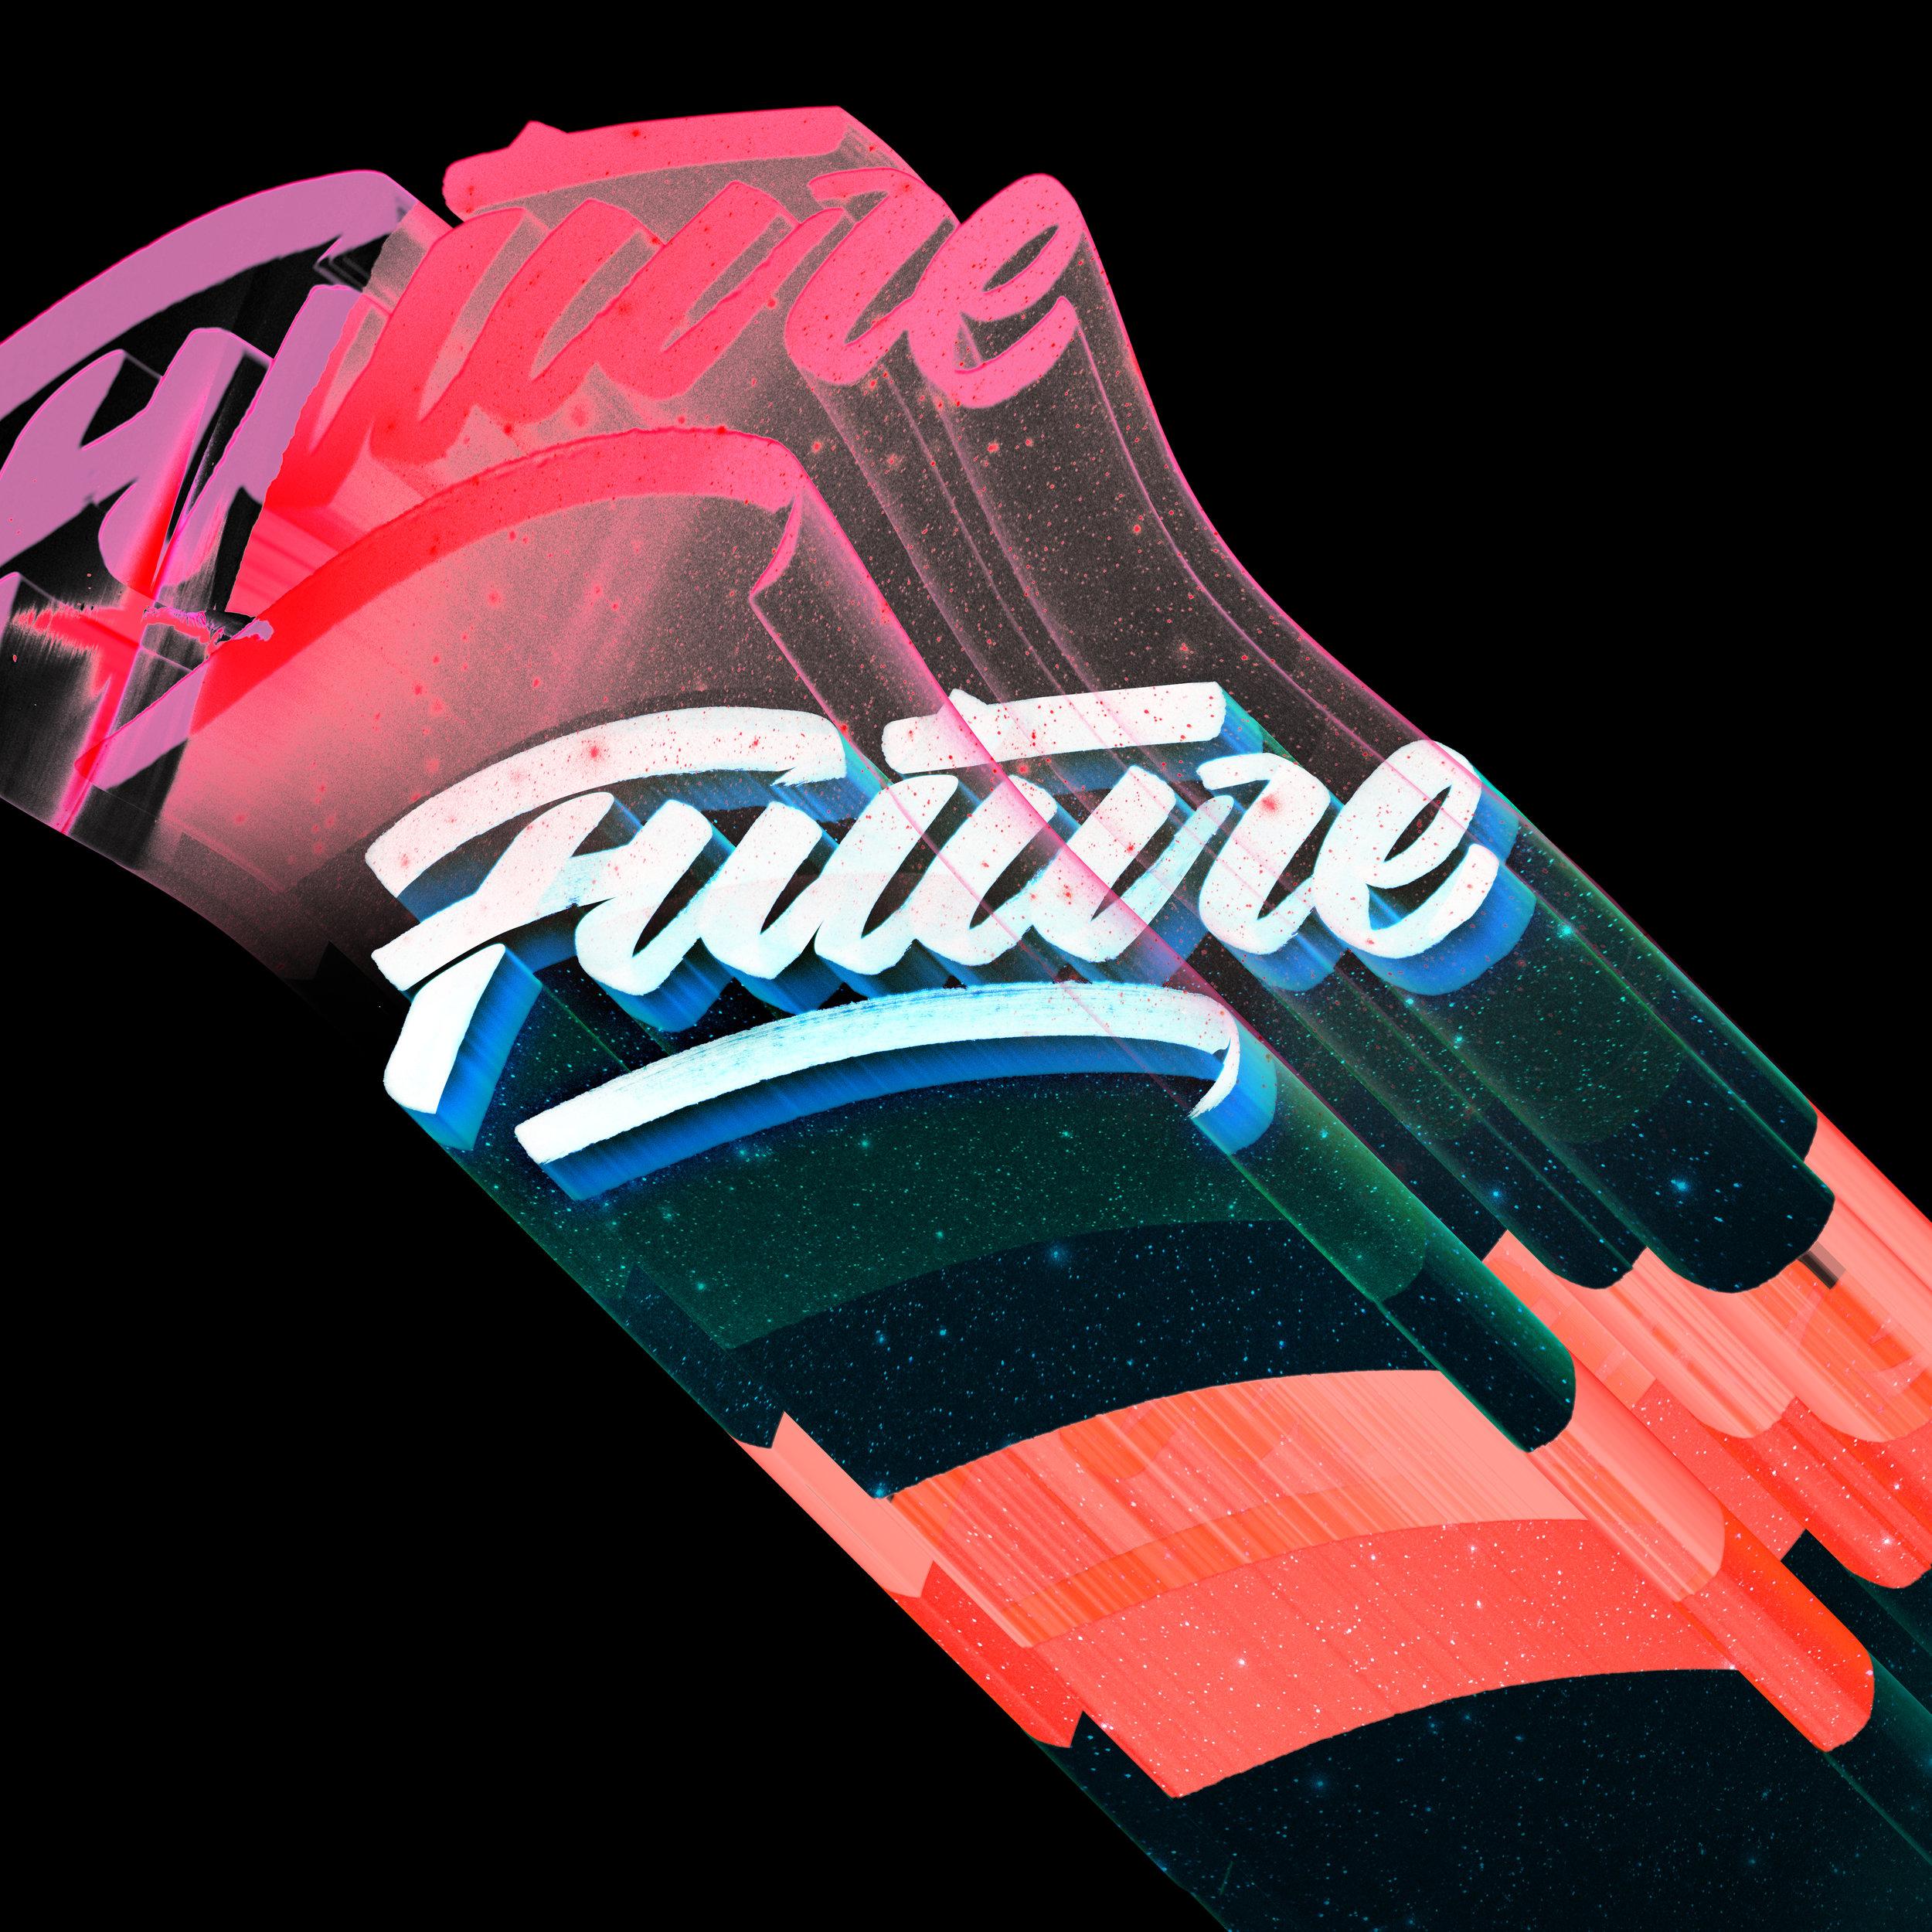 future-mix.jpg